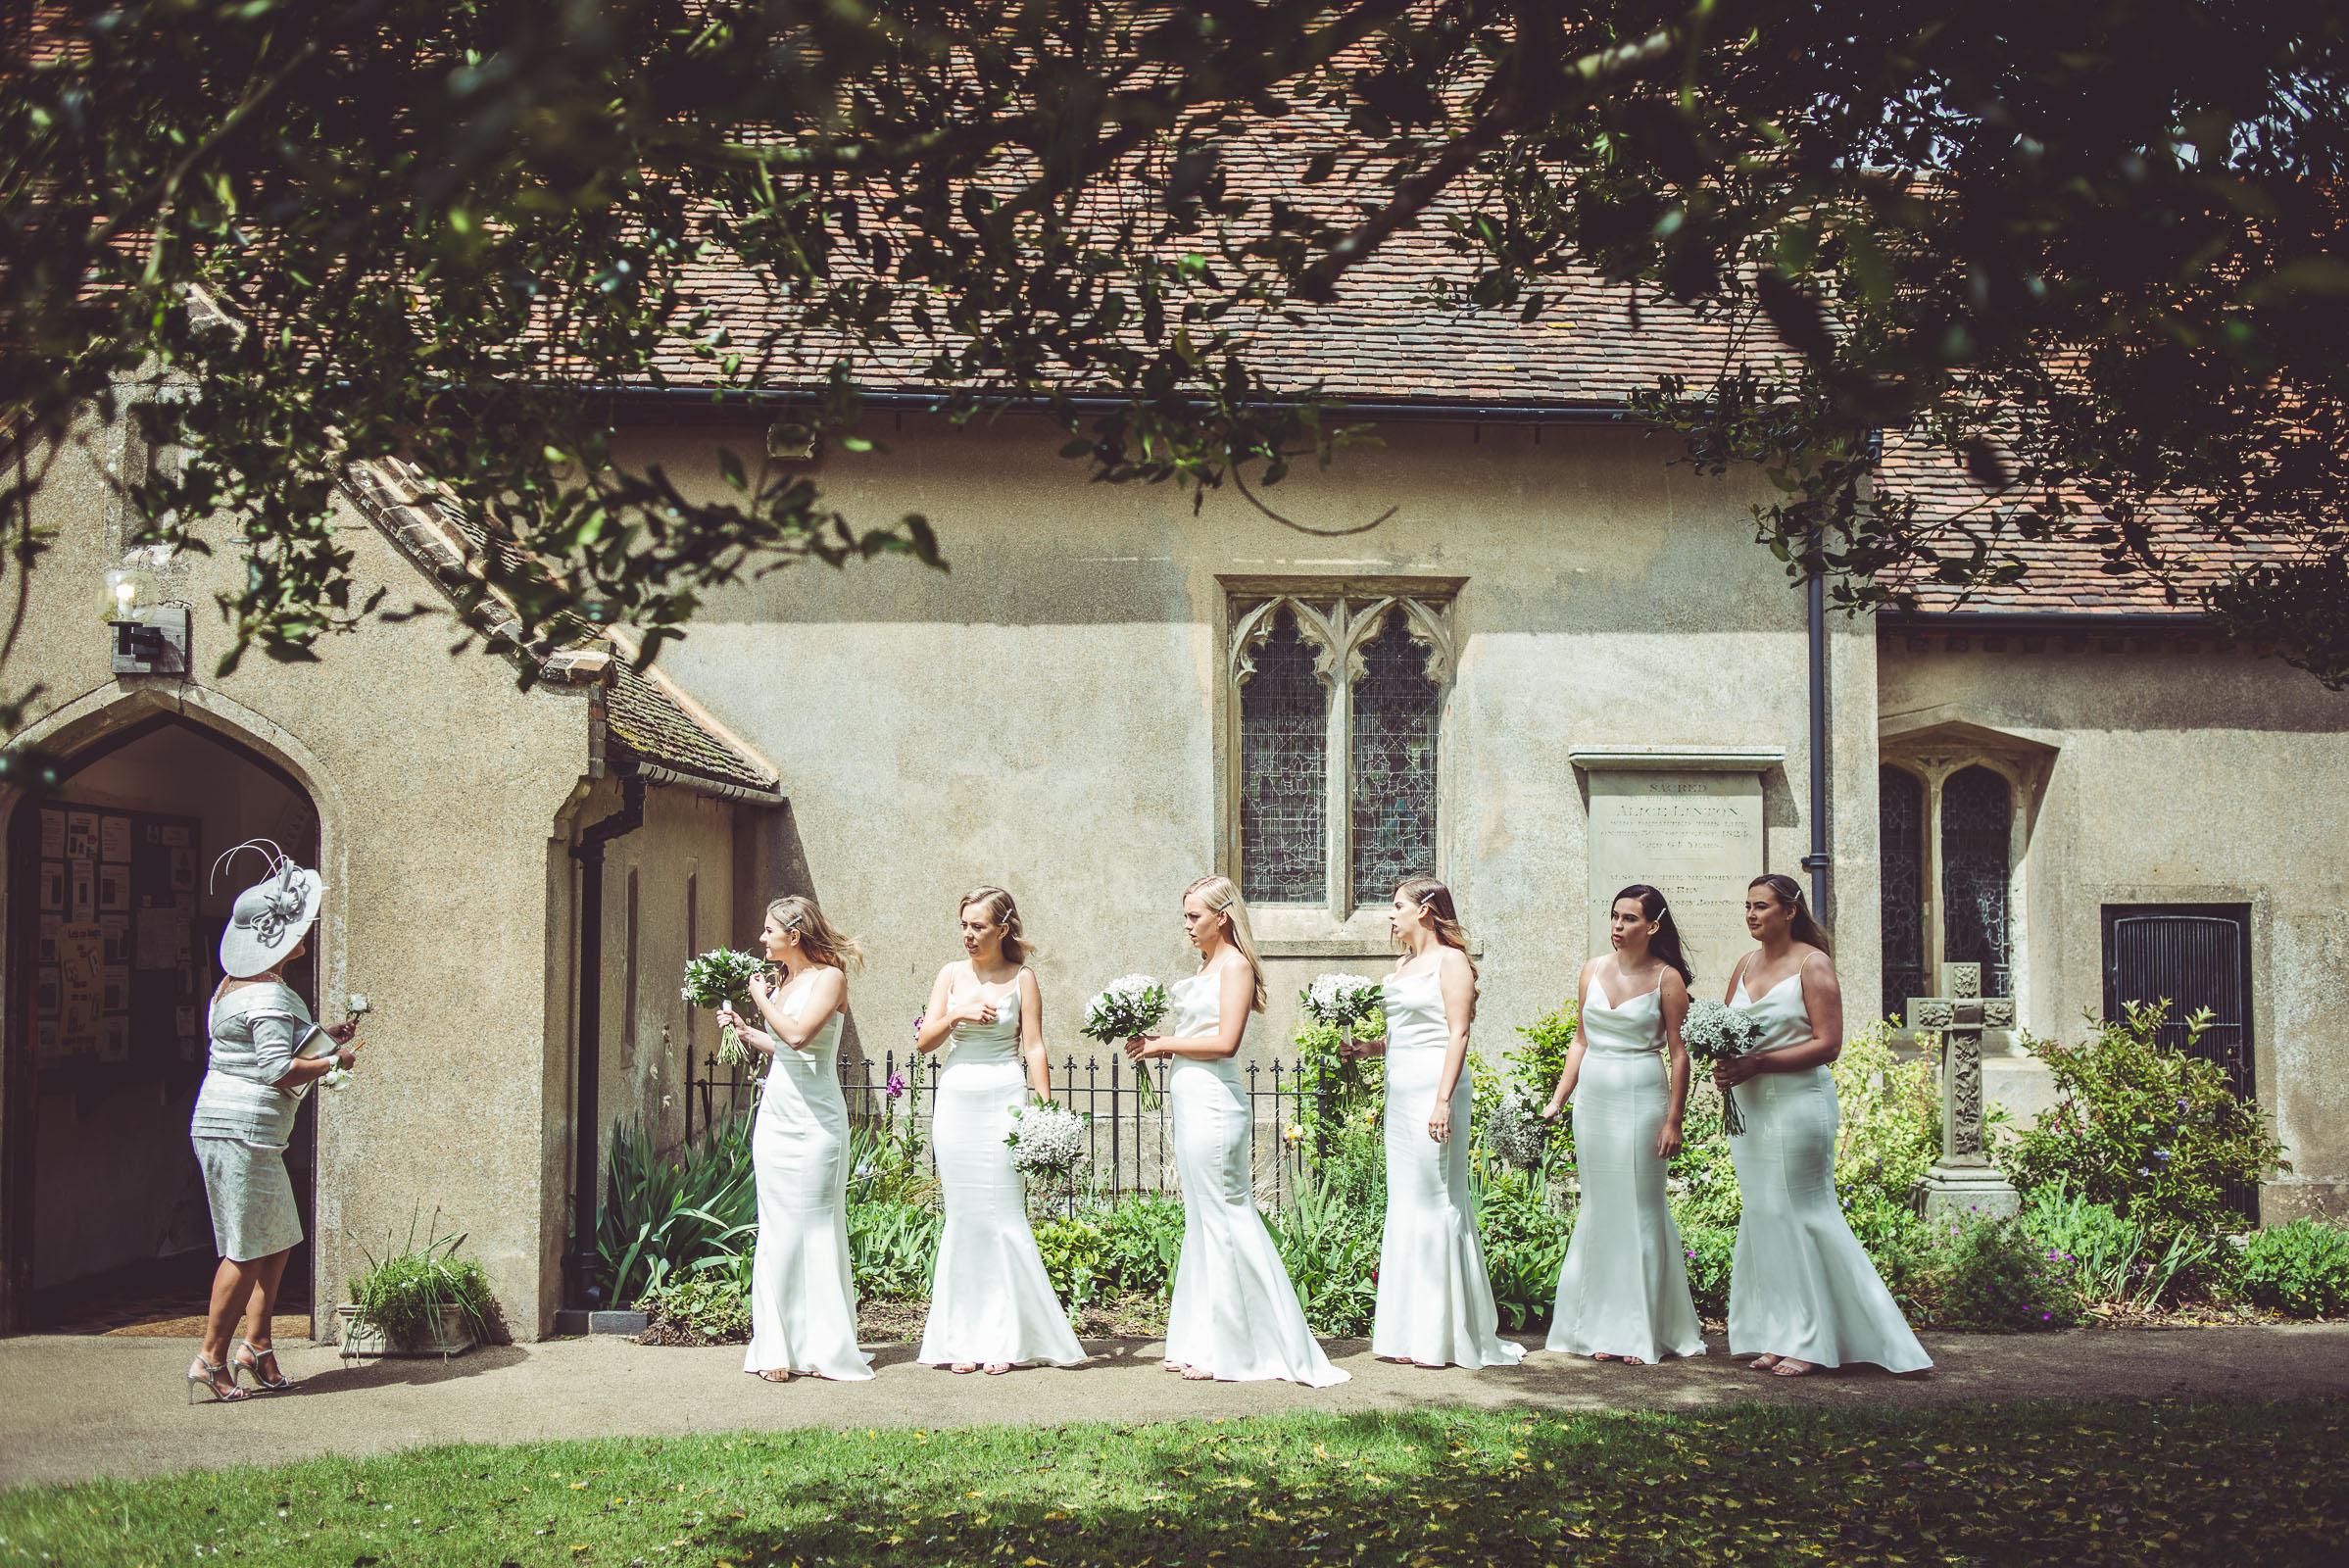 Lutonhoo-wedding-Bedfordshire-Datchworth-Tewinburyfarm-31.jpg